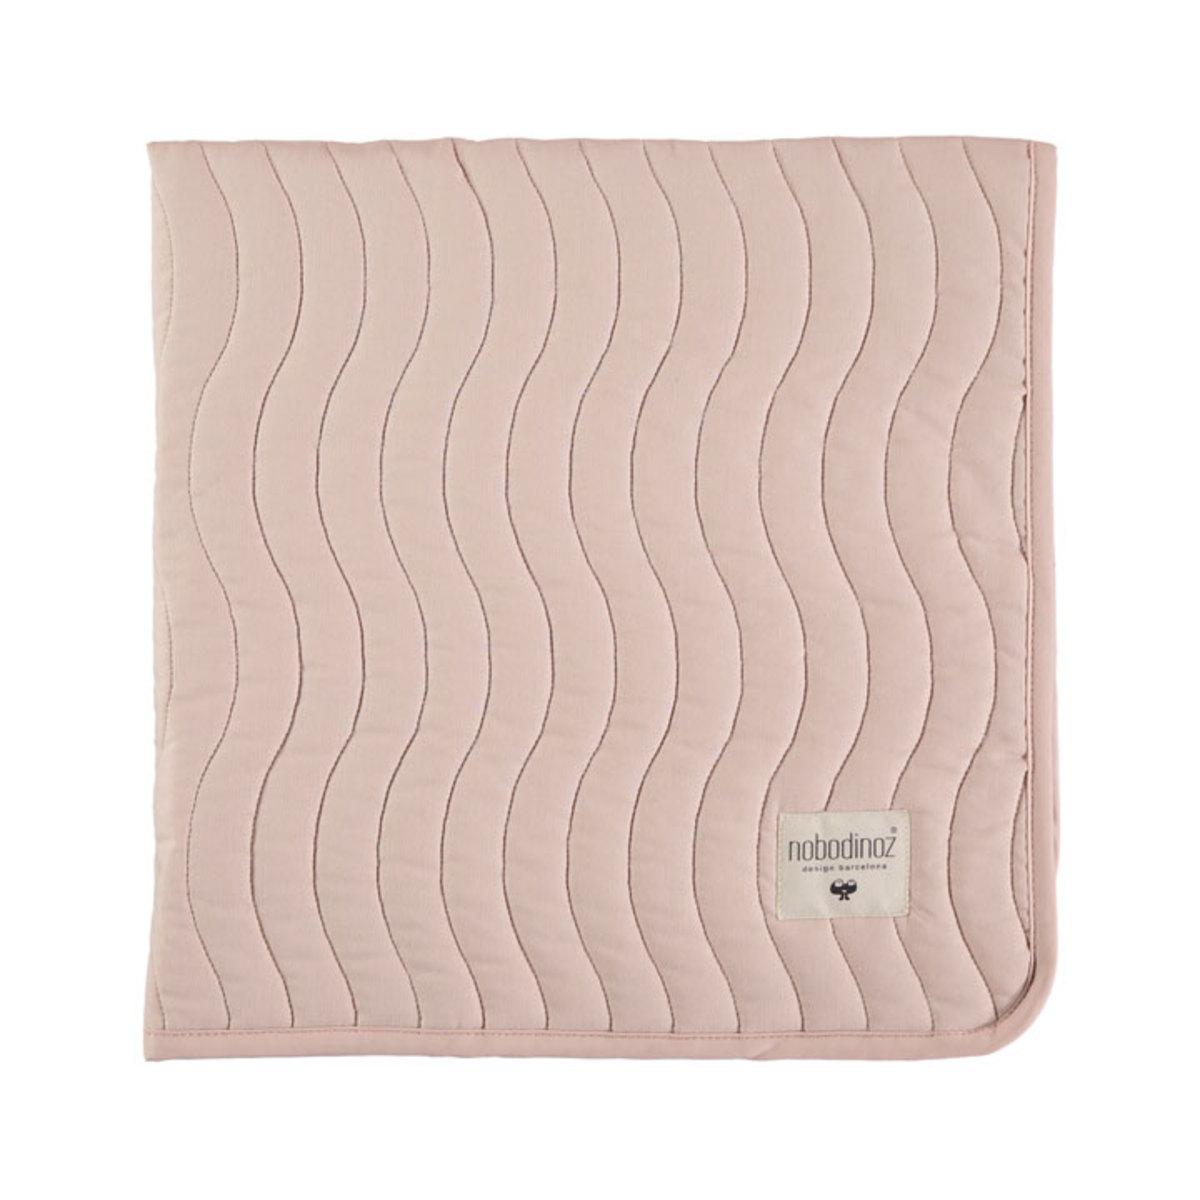 nobodinoz couverture reykjavik pure line rose p tale linge de lit nobodinoz sur l 39 armoire de. Black Bedroom Furniture Sets. Home Design Ideas